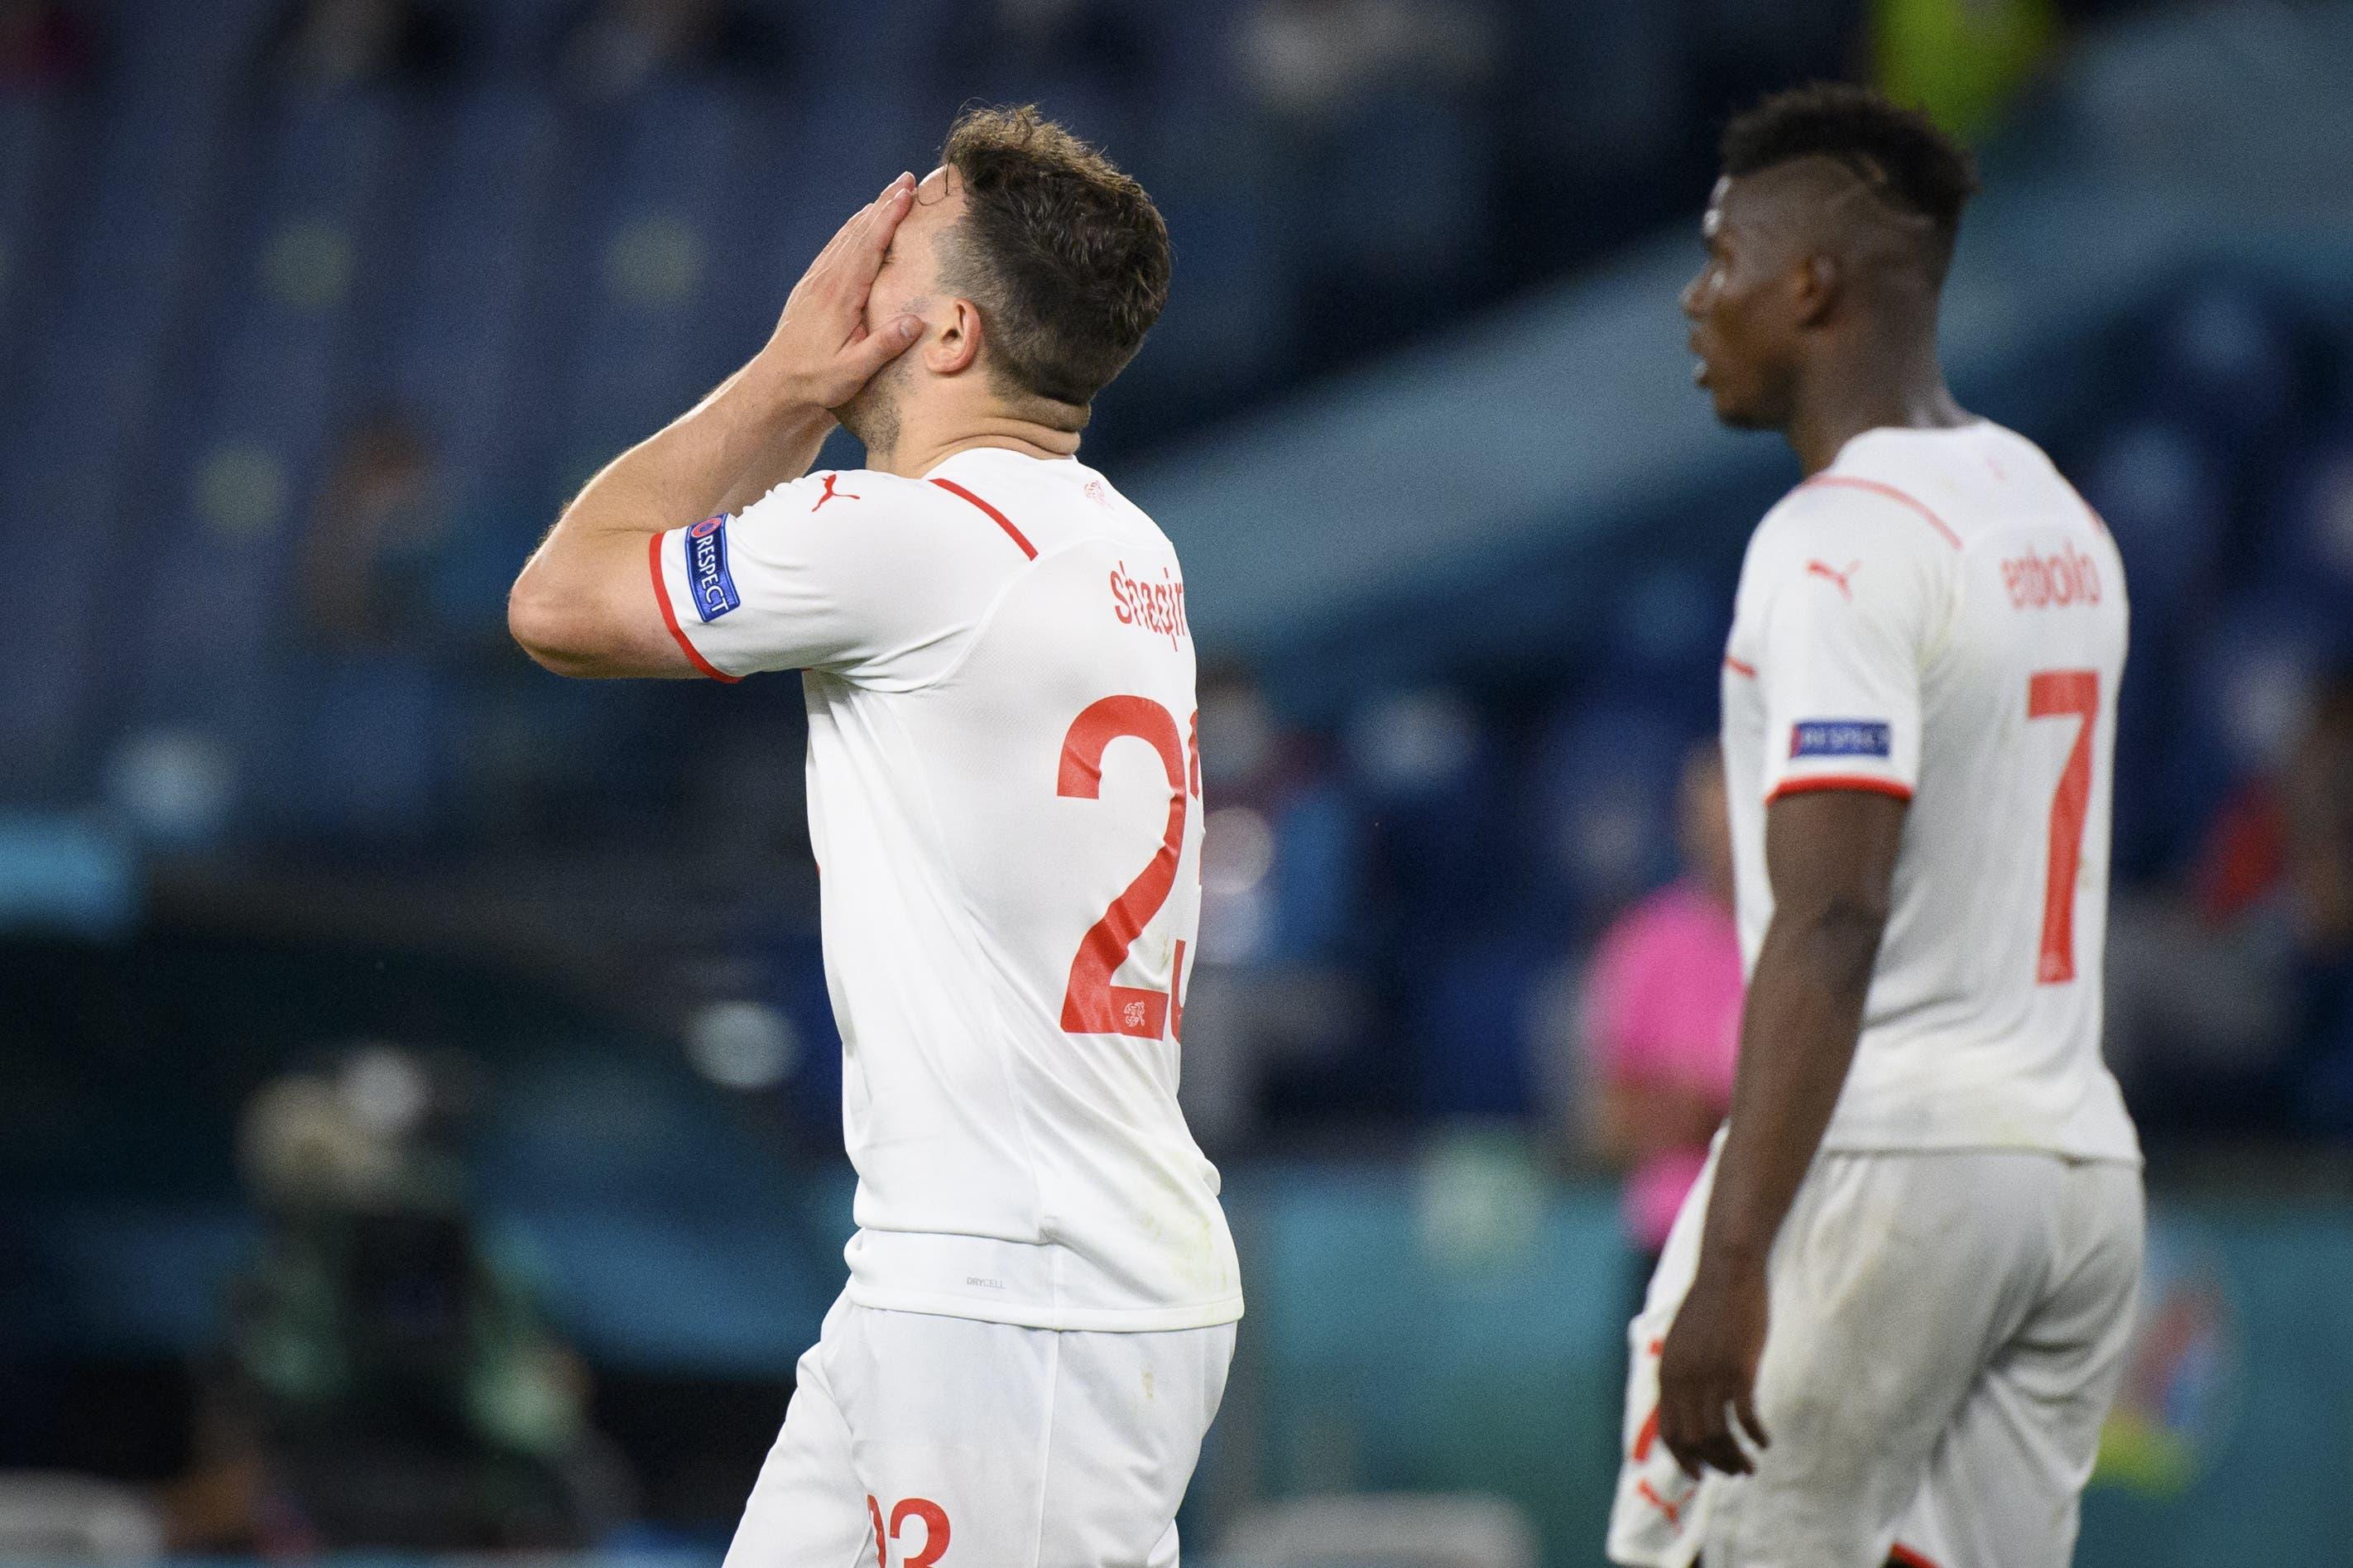 Das war zu wenig: Xherdan Shaqiri und Co. haben gegen Italien keine Chance.